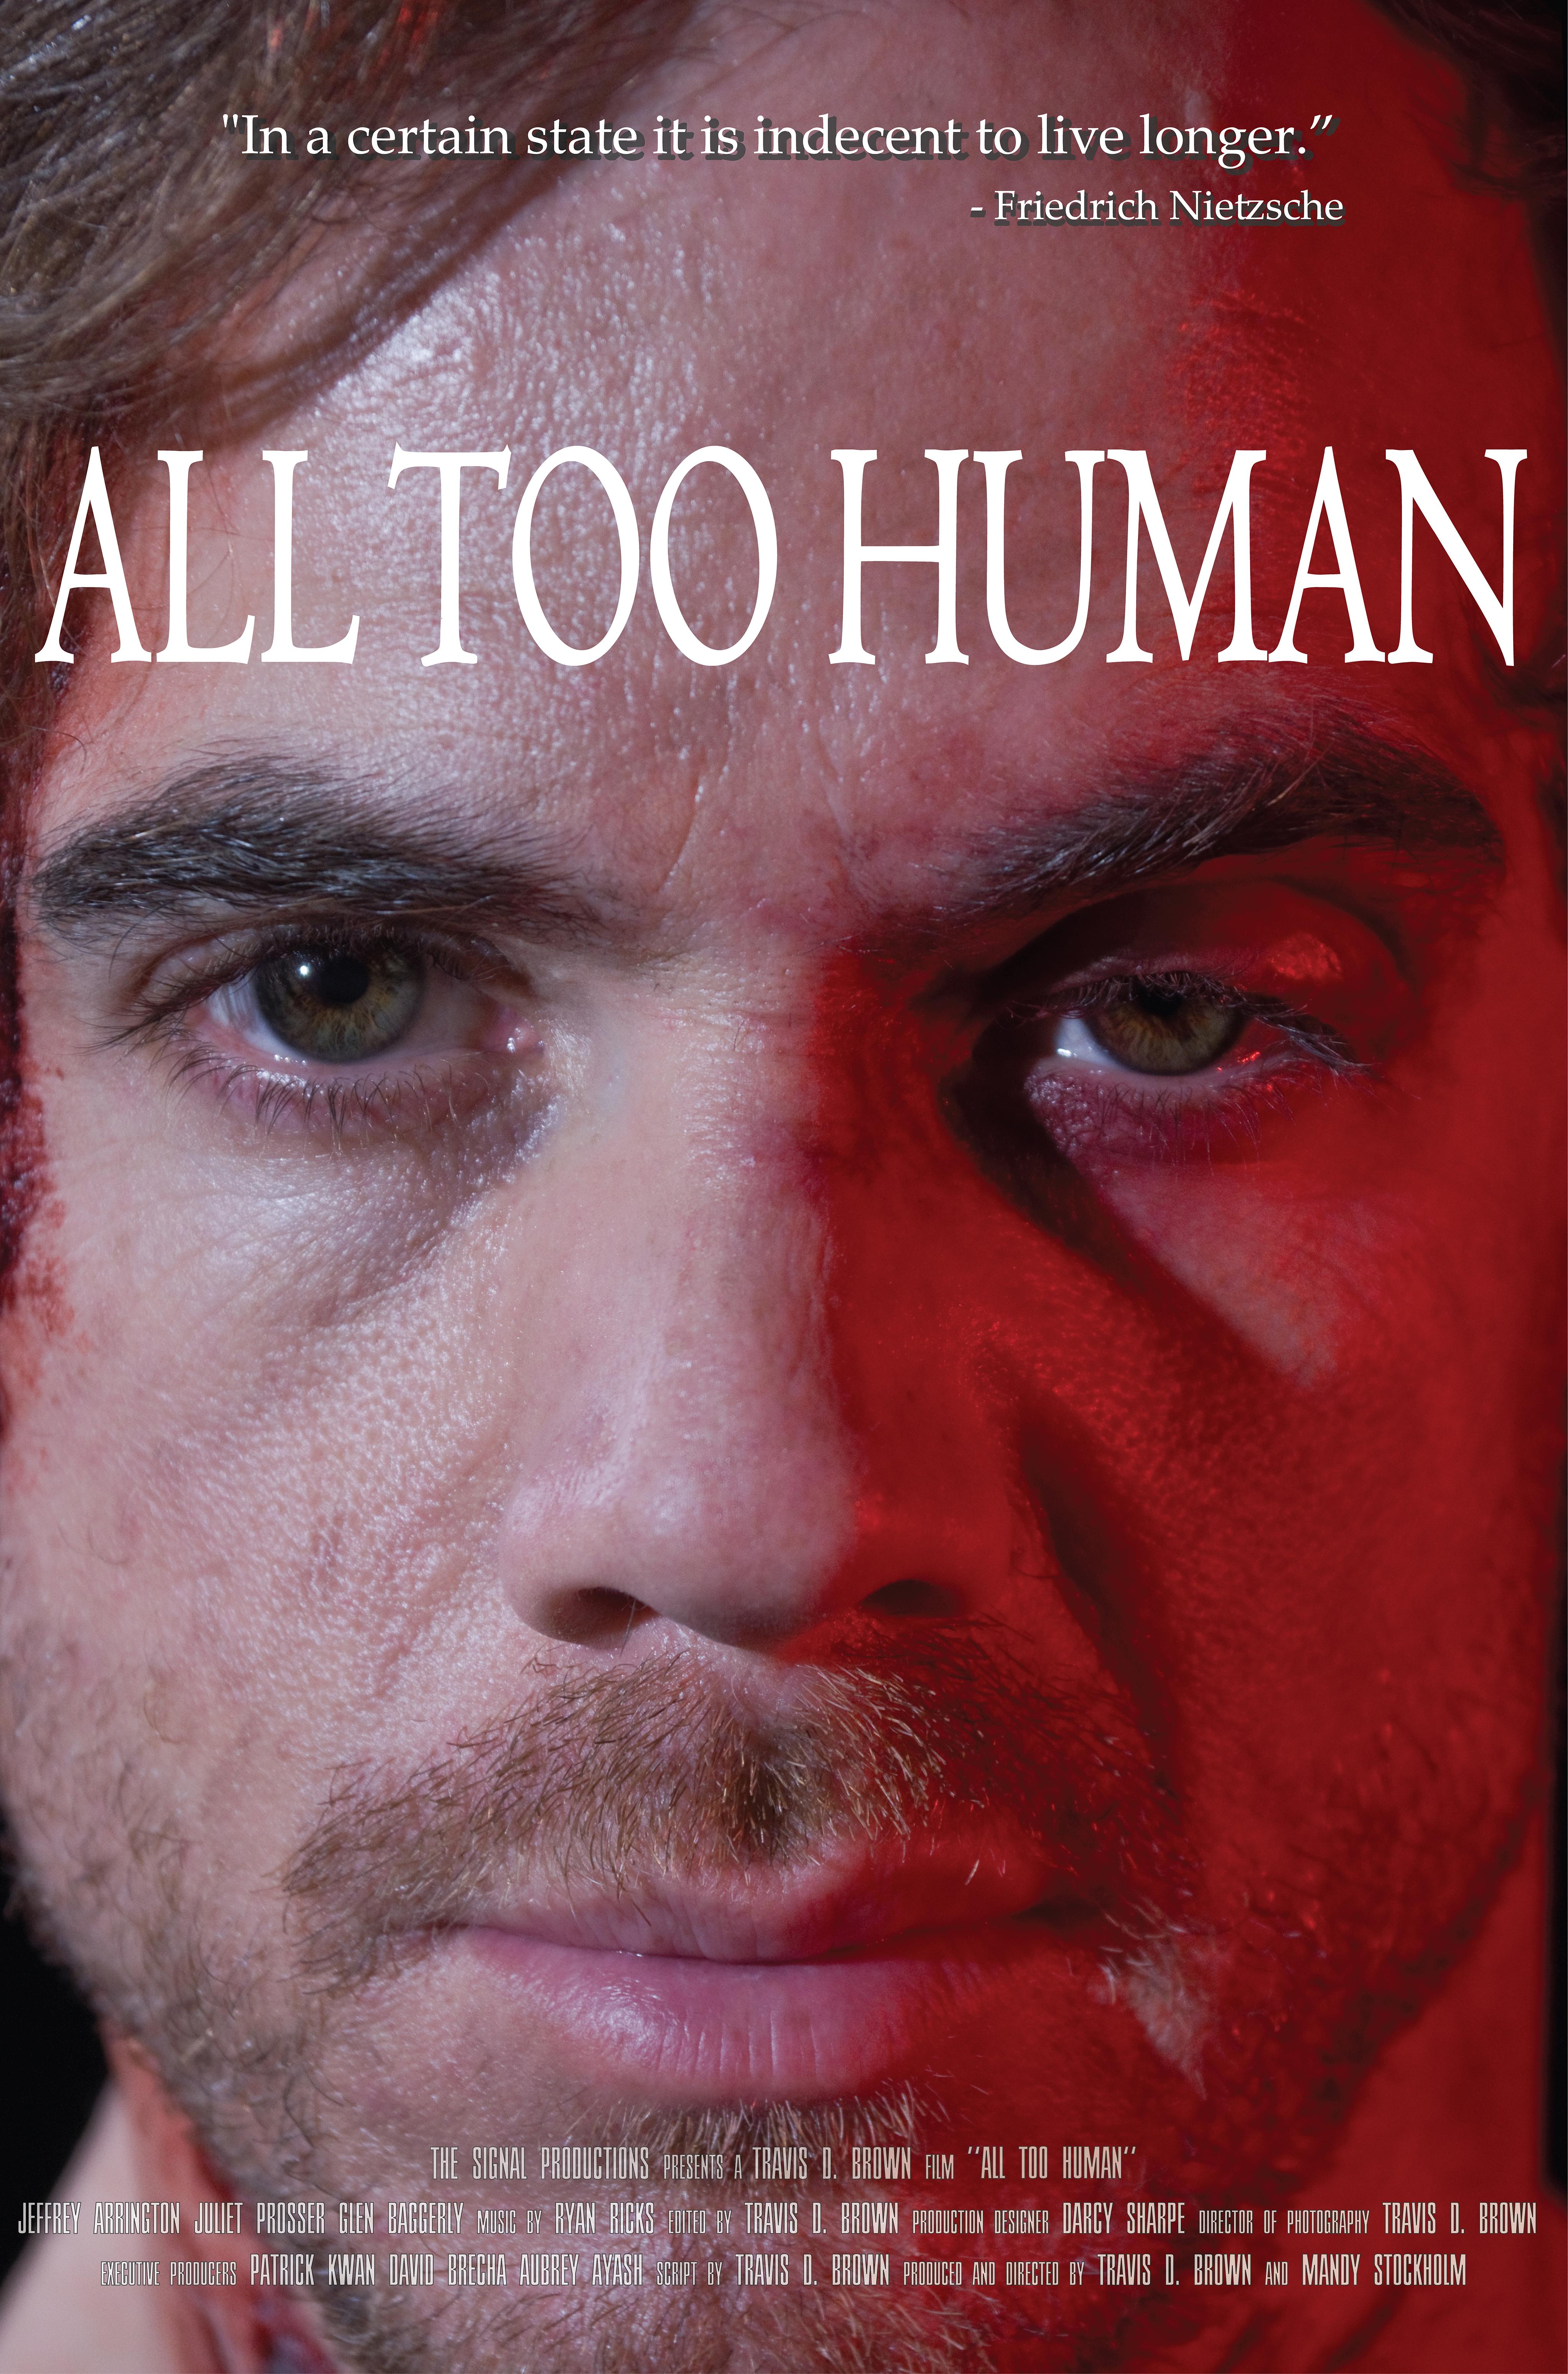 All Too Human 2018 Imdb